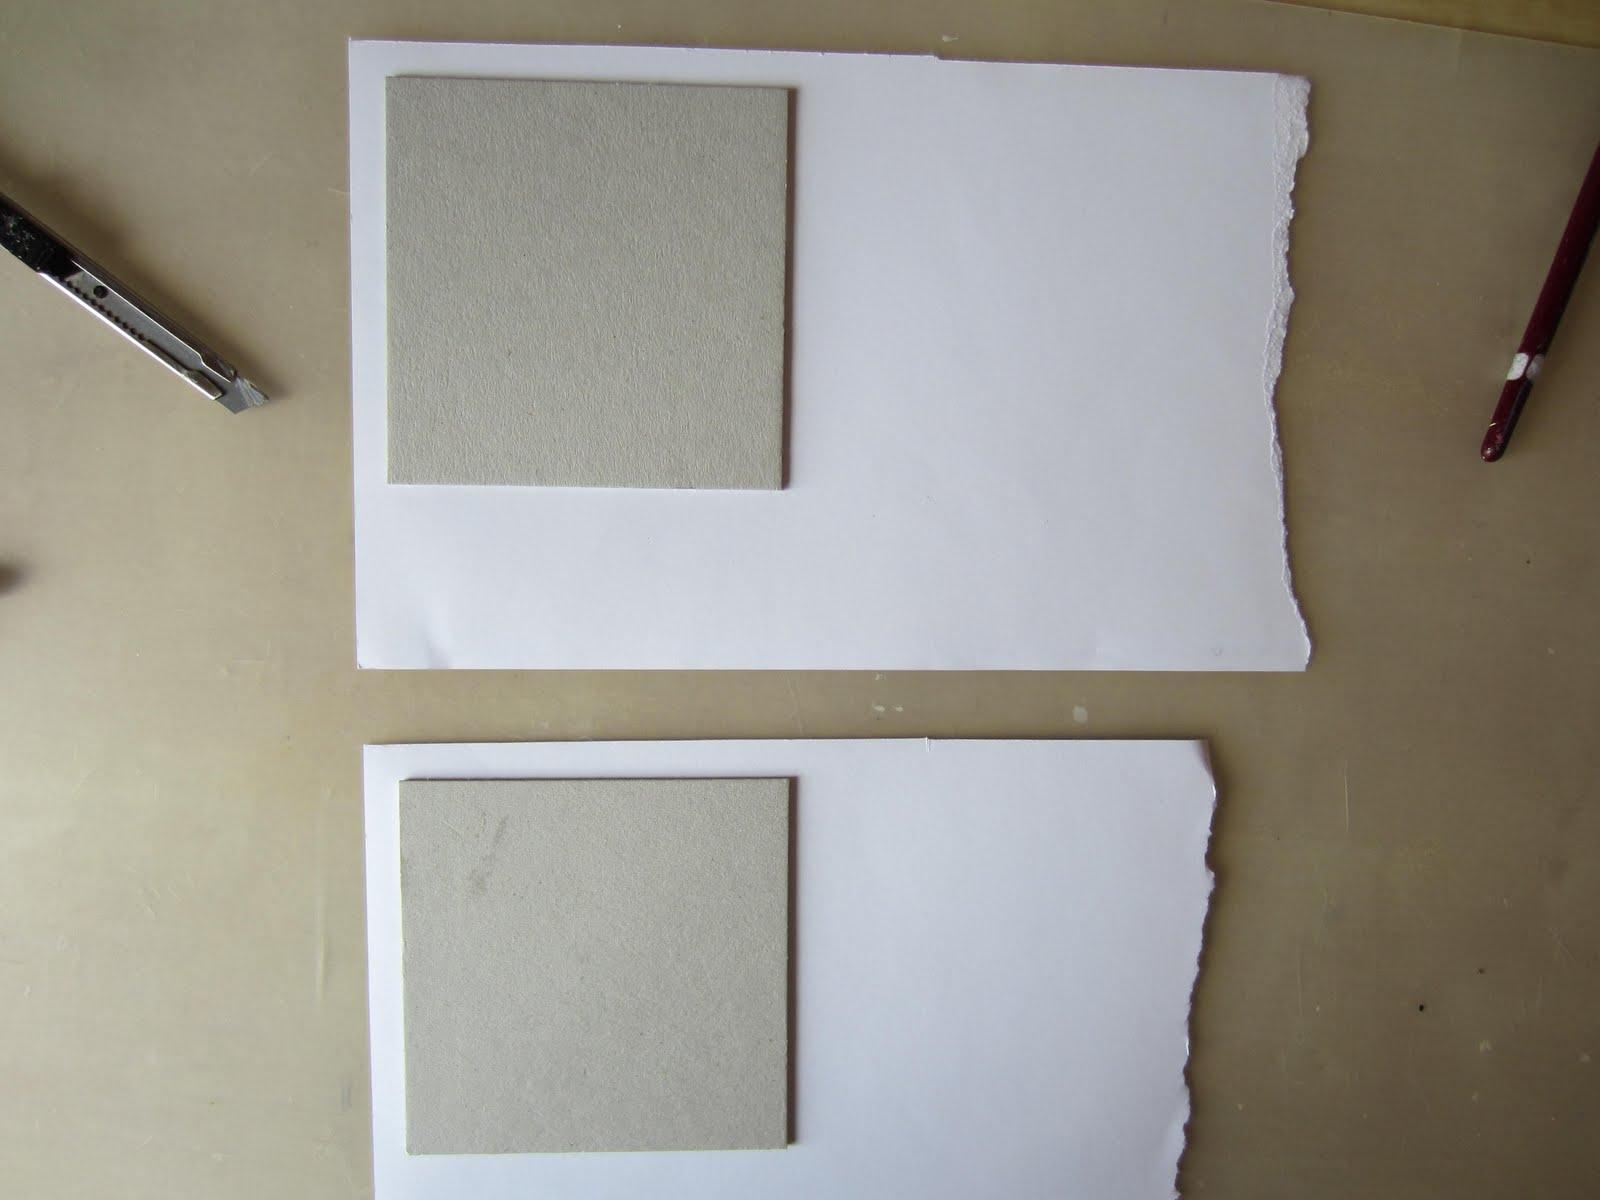 papierkatze ein leporello selber basteln hier folgt die genaue anleitung. Black Bedroom Furniture Sets. Home Design Ideas